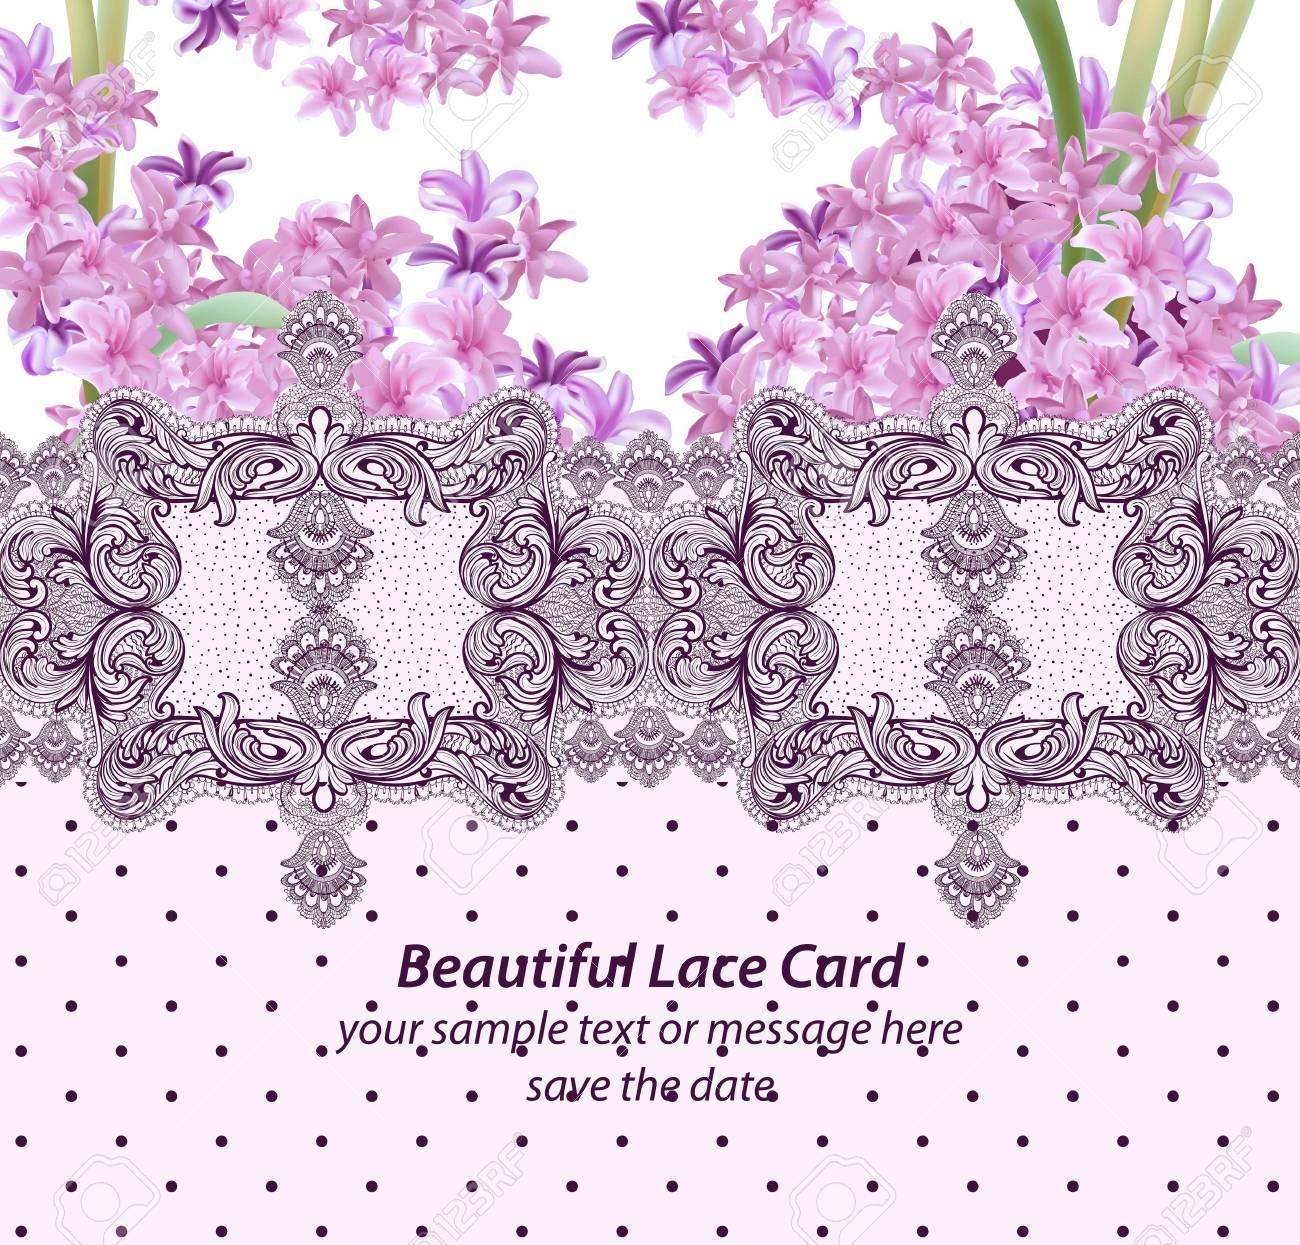 Ausgezeichnet Kartenrahmen Für Bilder Bilder - Bilderrahmen Ideen ...